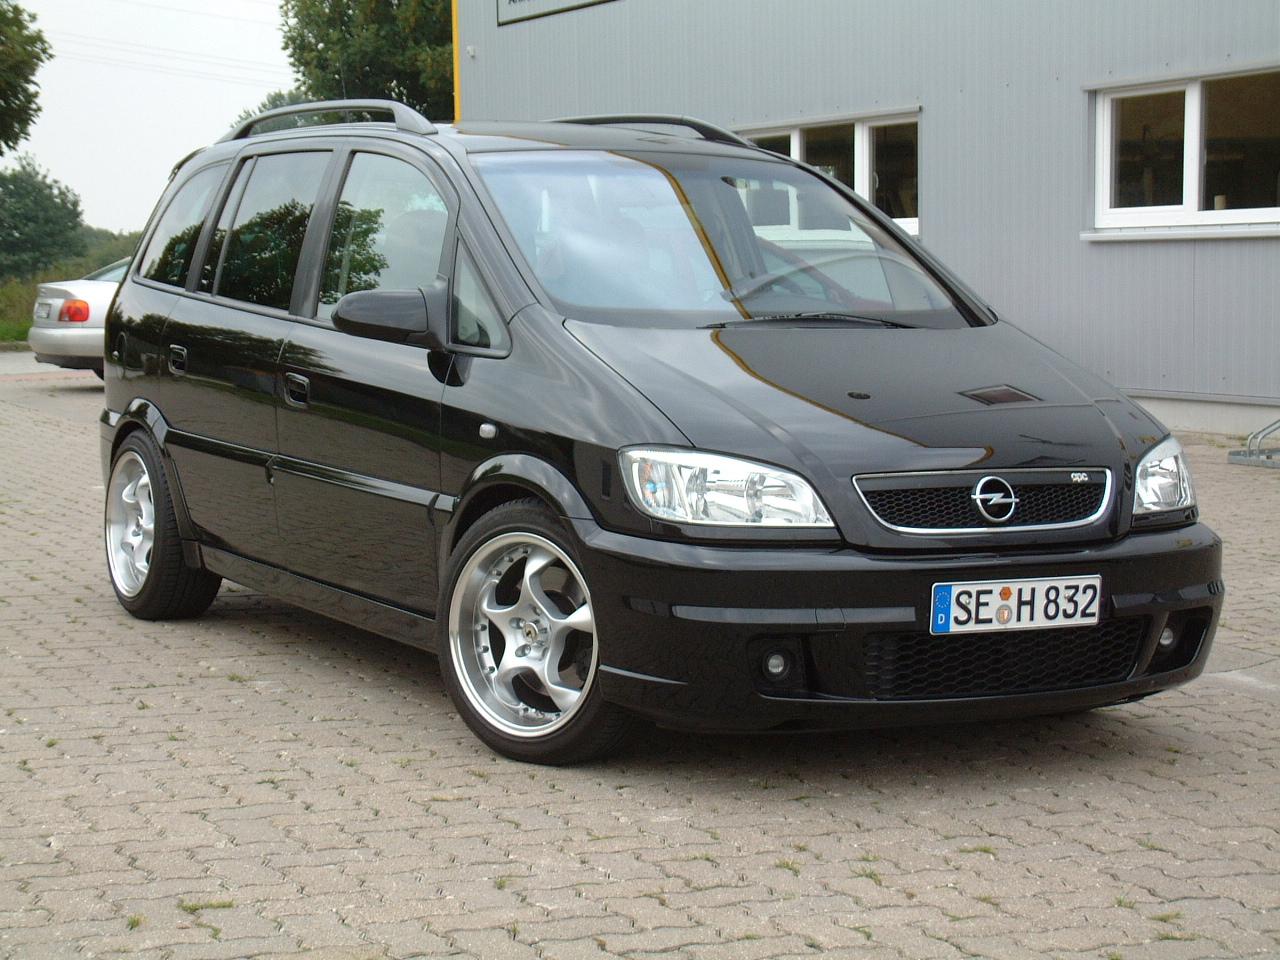 Opel Zafira Space 1 Tlg 17 Zoll Opel Bildergalerie Felge De